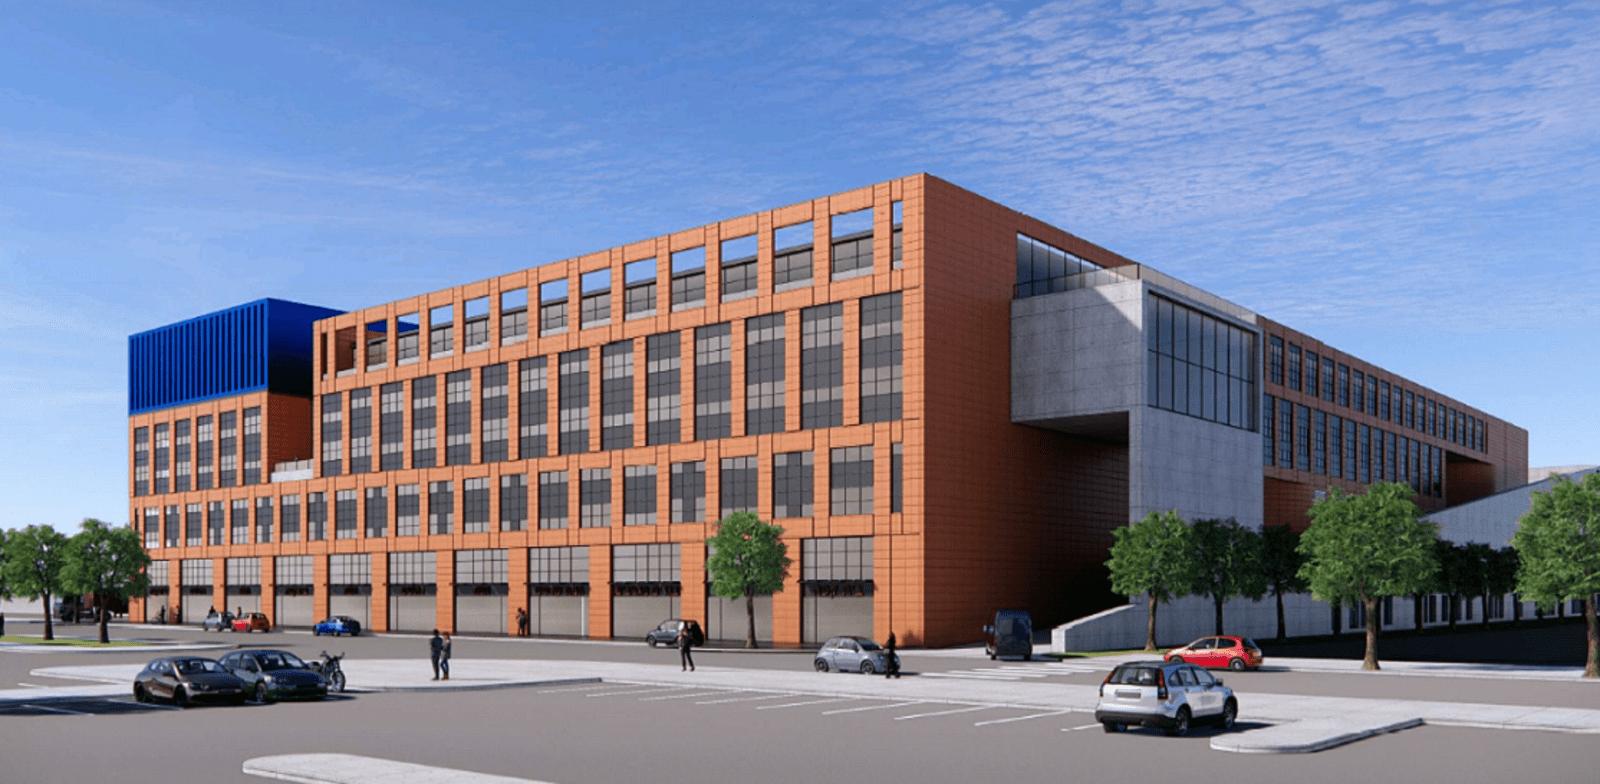 הפרויקט באזור התעשייה שוהם / הדמיה: אורבך הלוי אדריכלים